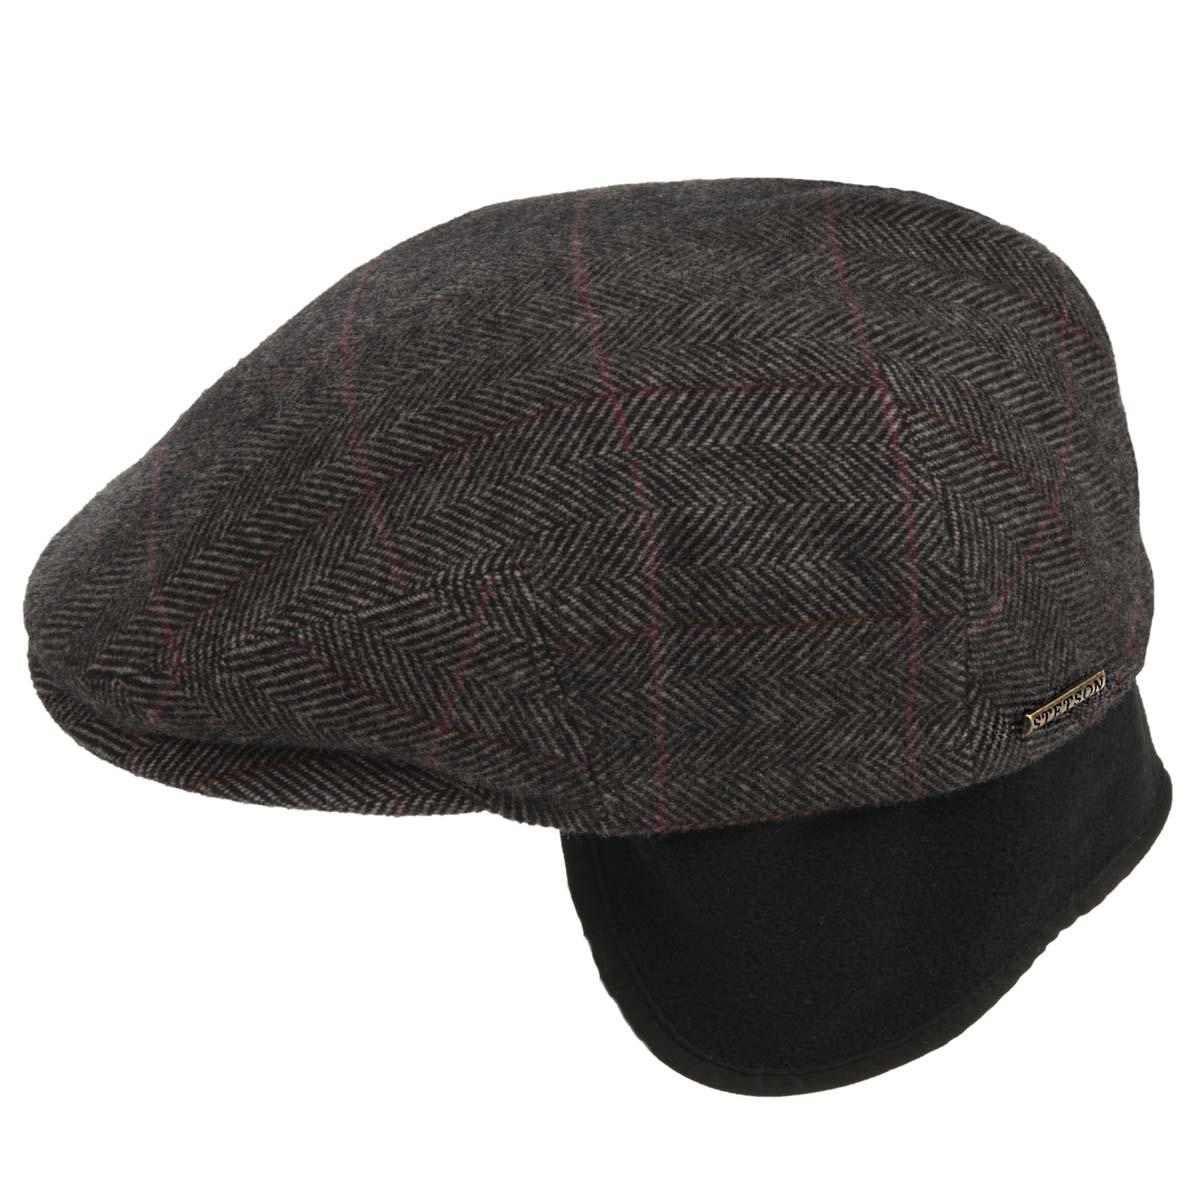 ... Berretto uomo piatto flatcap Kent wool con paraorecchie firmato STETSON  ... a3949c0a260e